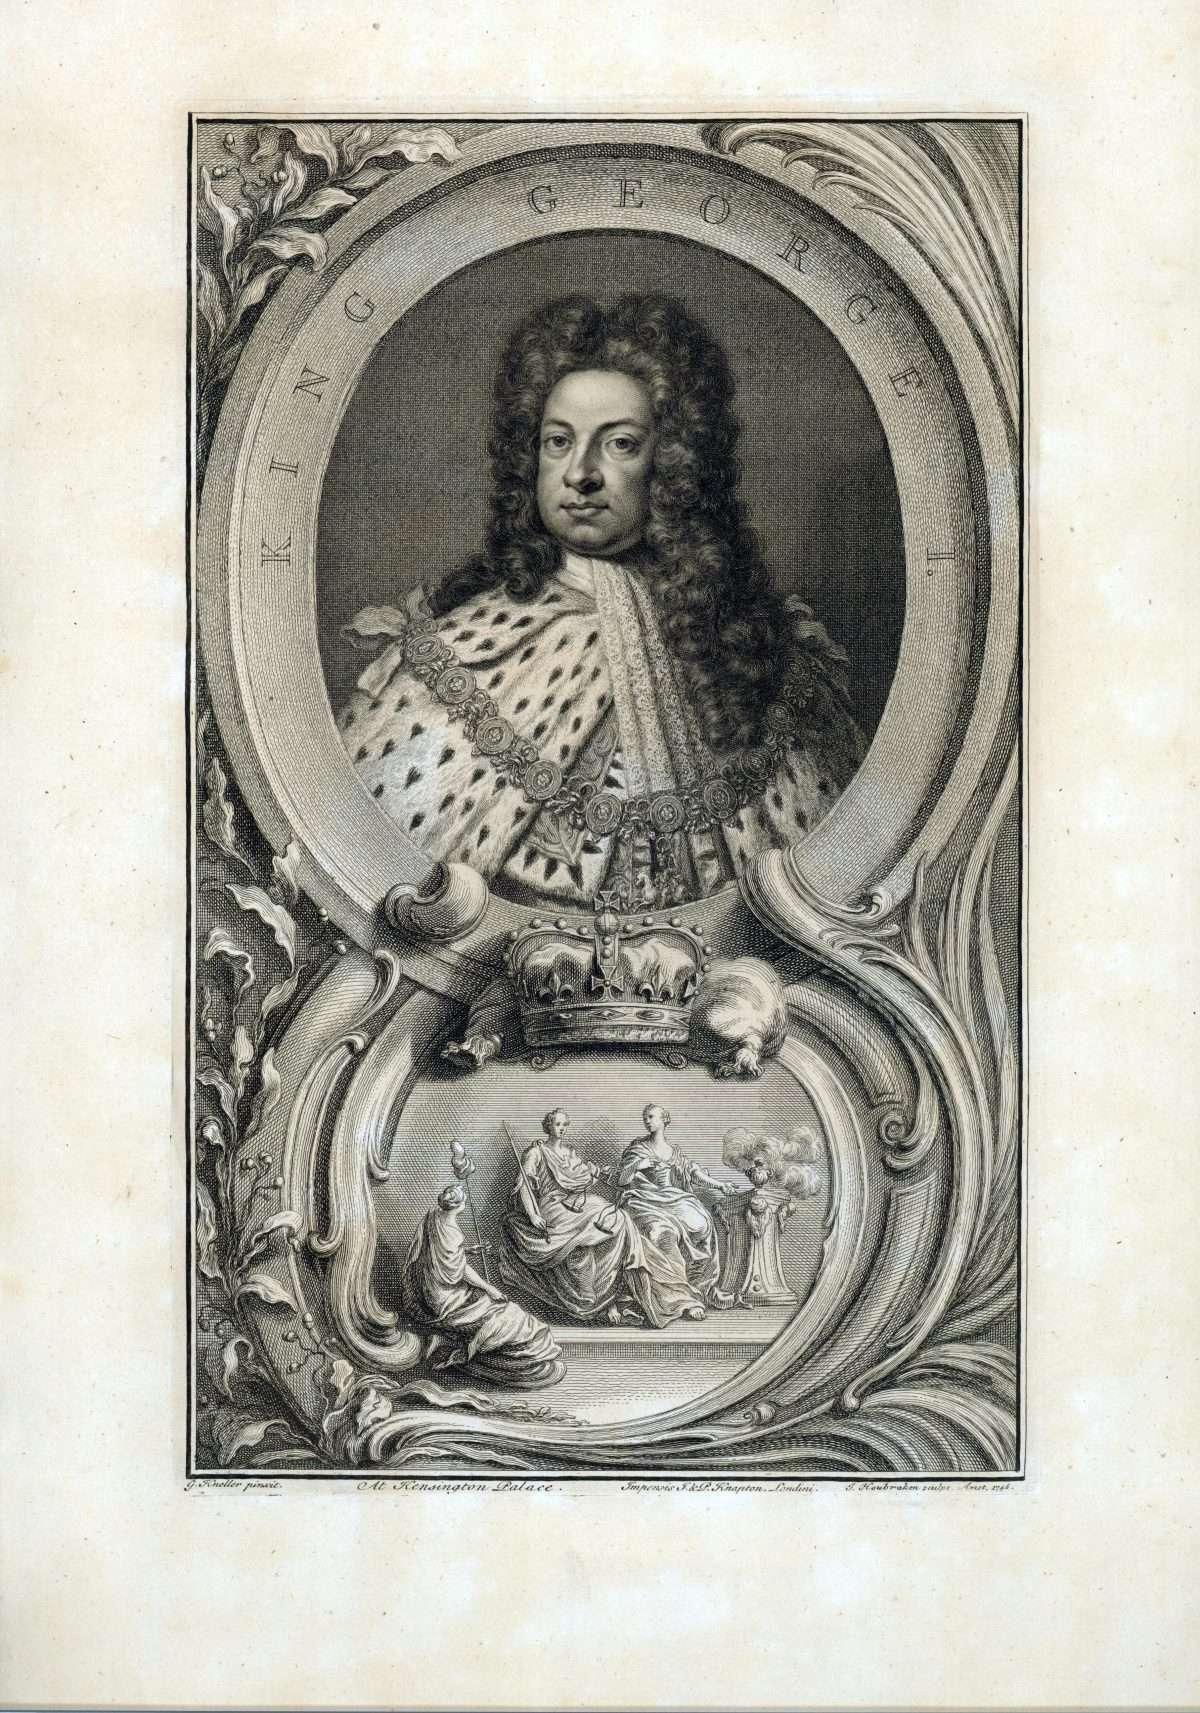 King George I.